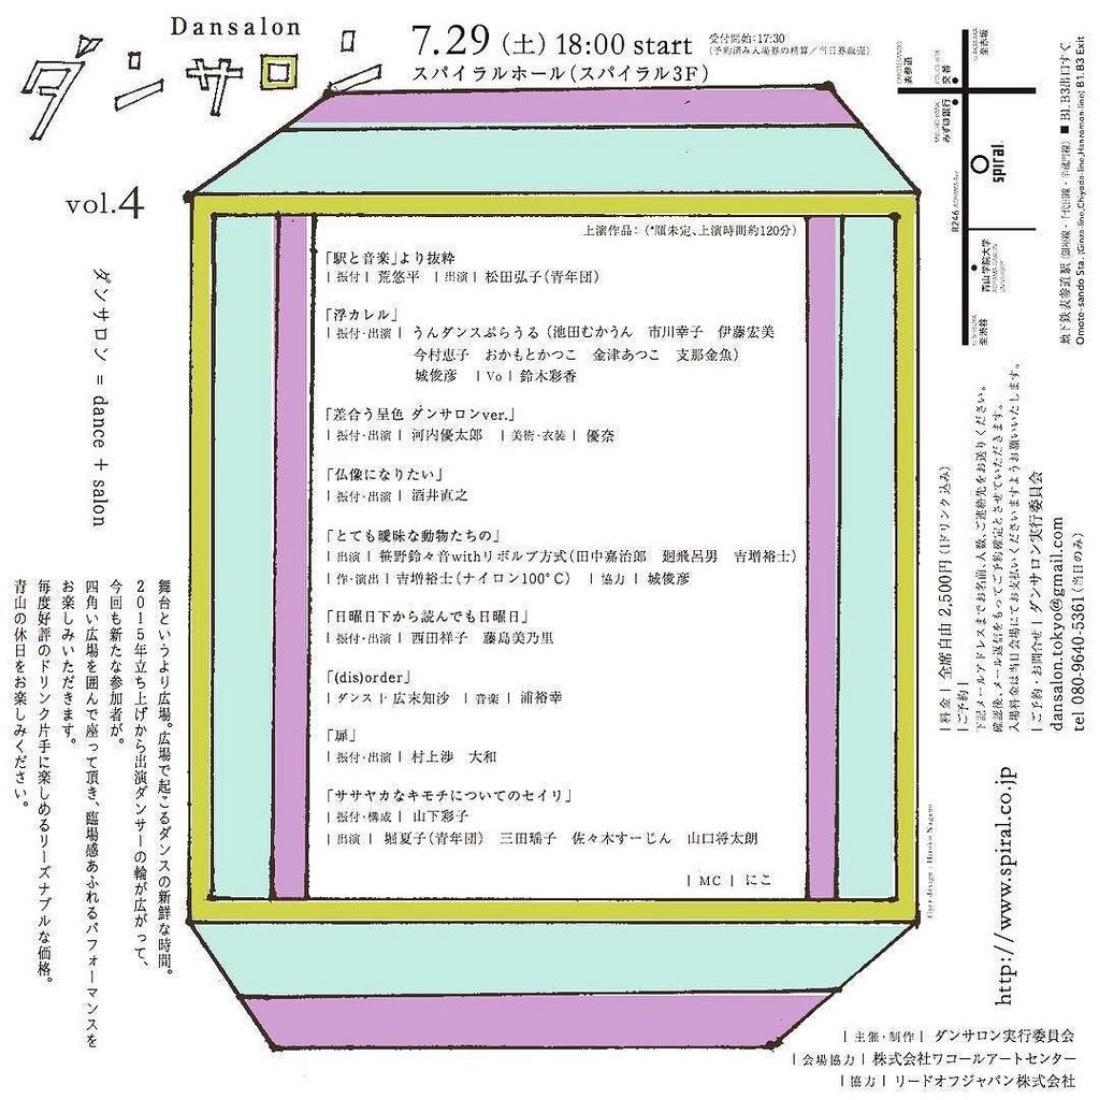 ダンサロンVol.4 差合う呈色 ダンサロンVer.